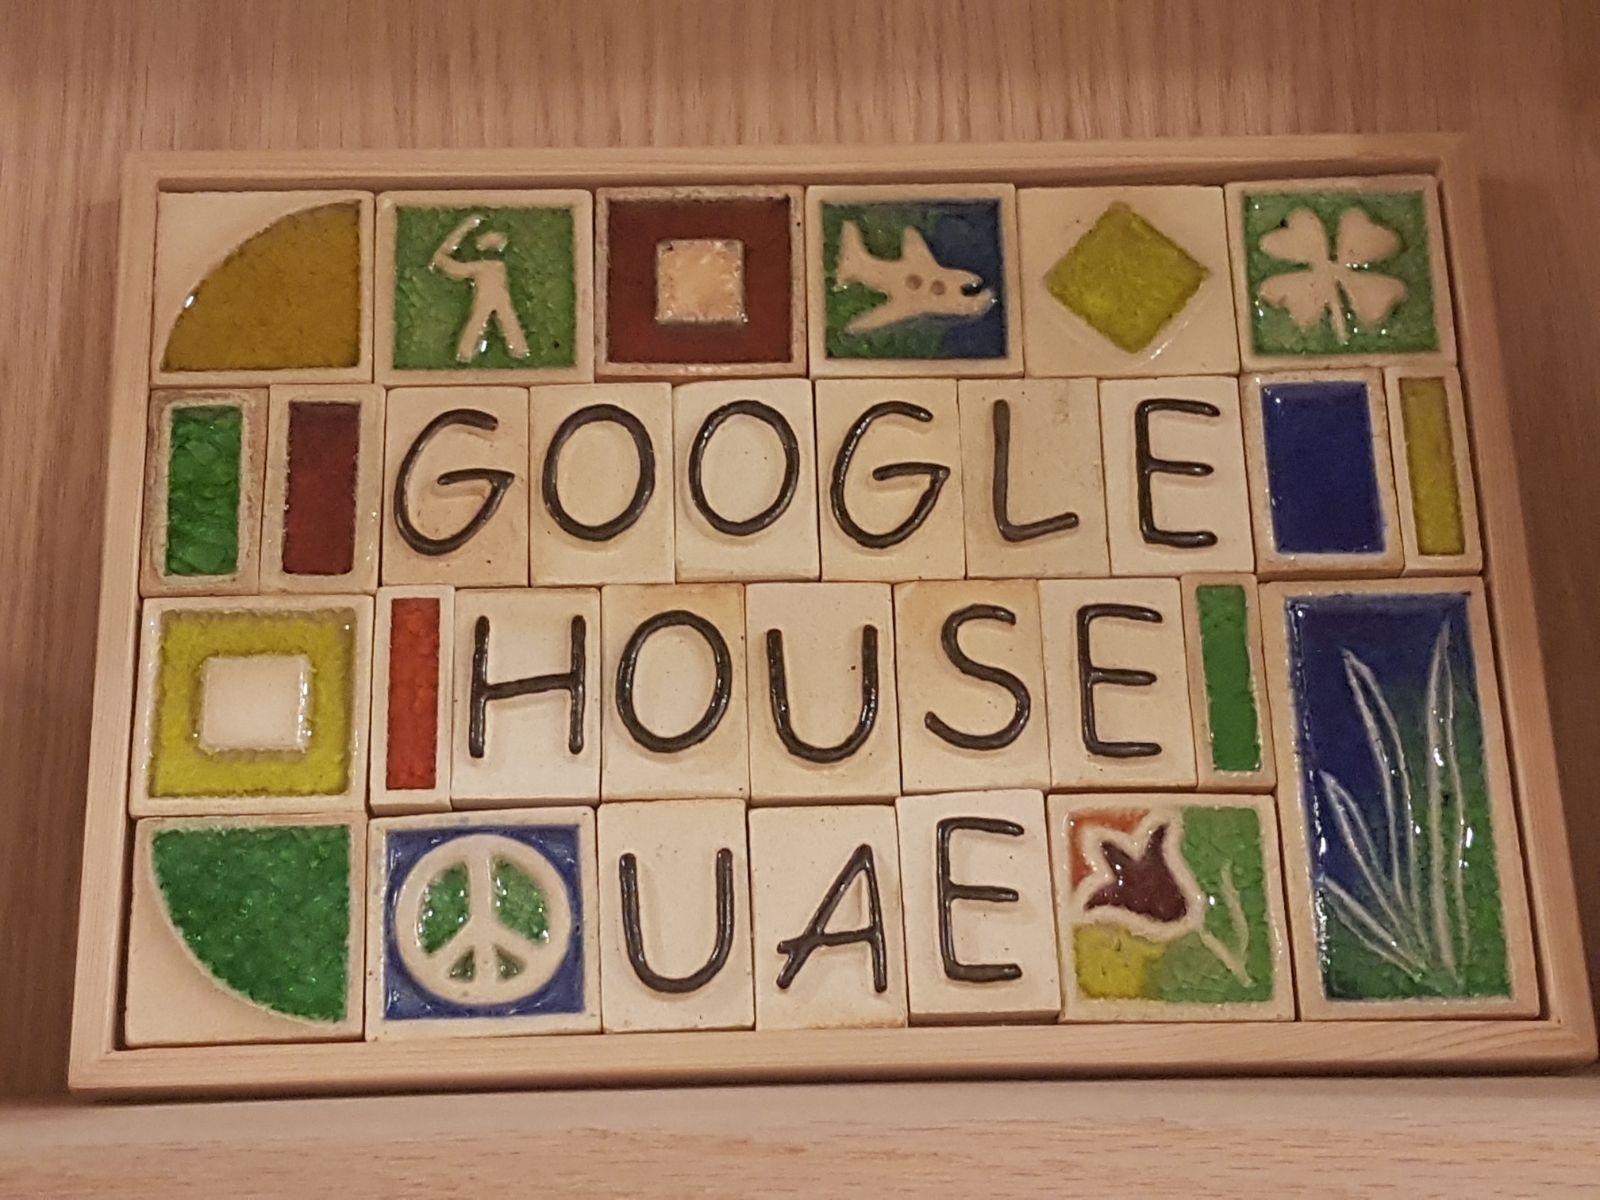 GO2JUMP celebra 10 años con una visita exclusiva junto a otras dos agencias a las oficinas centrales de Google en Oriente Medio